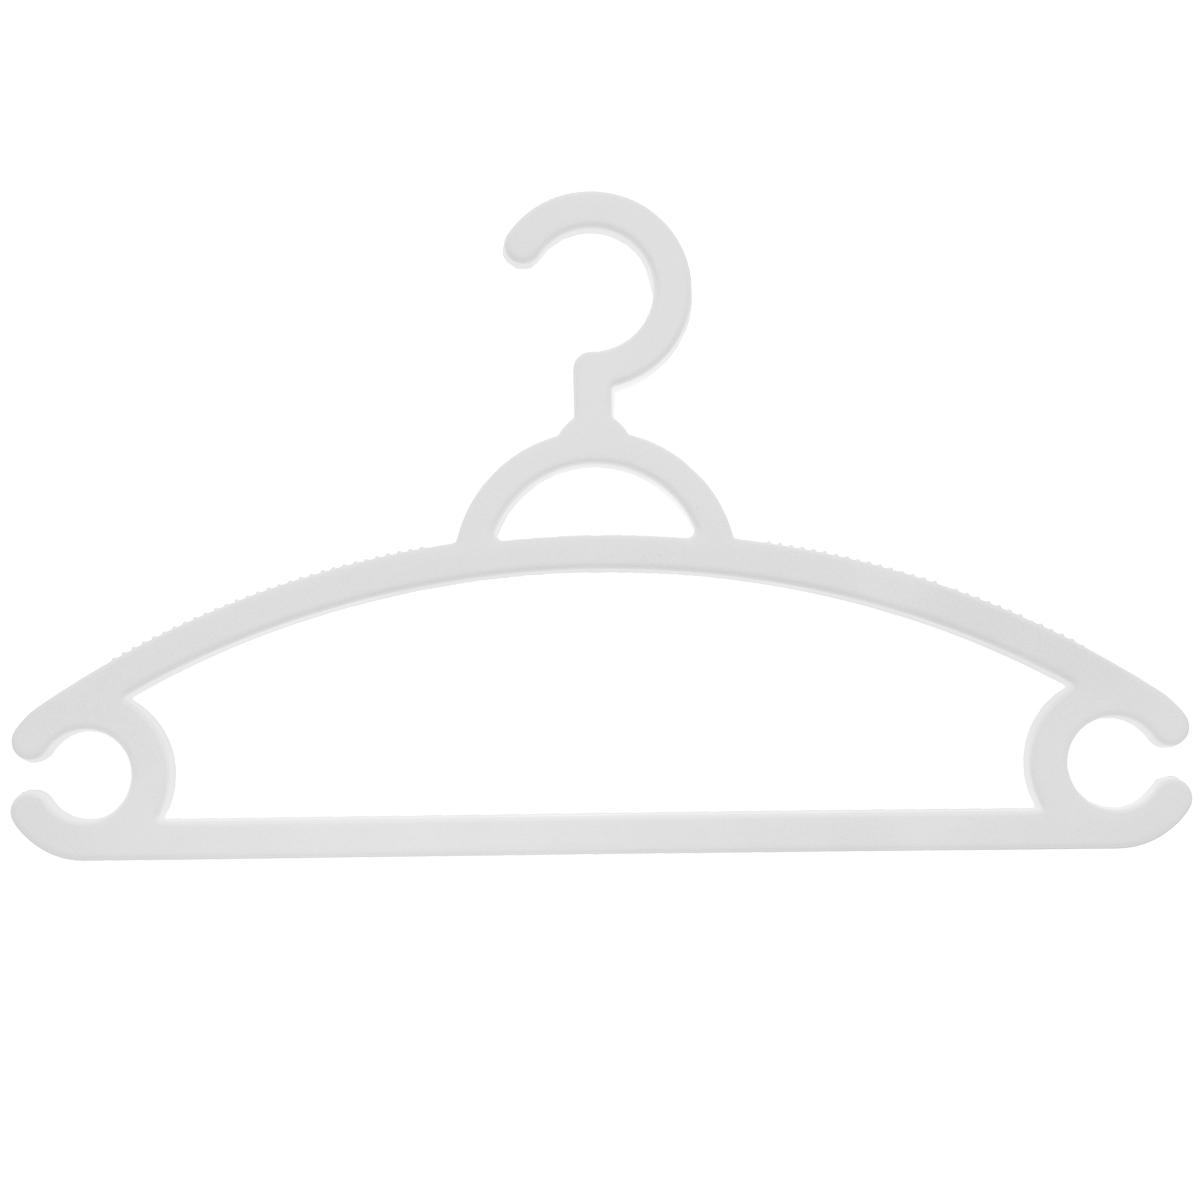 Набор вешалок для легкой одежды М-пластика, цвет: белый, 3 штCLP446Набор М-пластика, выполненный из легкого и прочного пластика, состоит из трех вешалок.Изделия оснащены перекладинами и двумя крючками.Вешалка - это незаменимая вещь для того, чтобы ваша одежда всегда оставалась в хорошем состоянии.Комплектация: 3 шт.